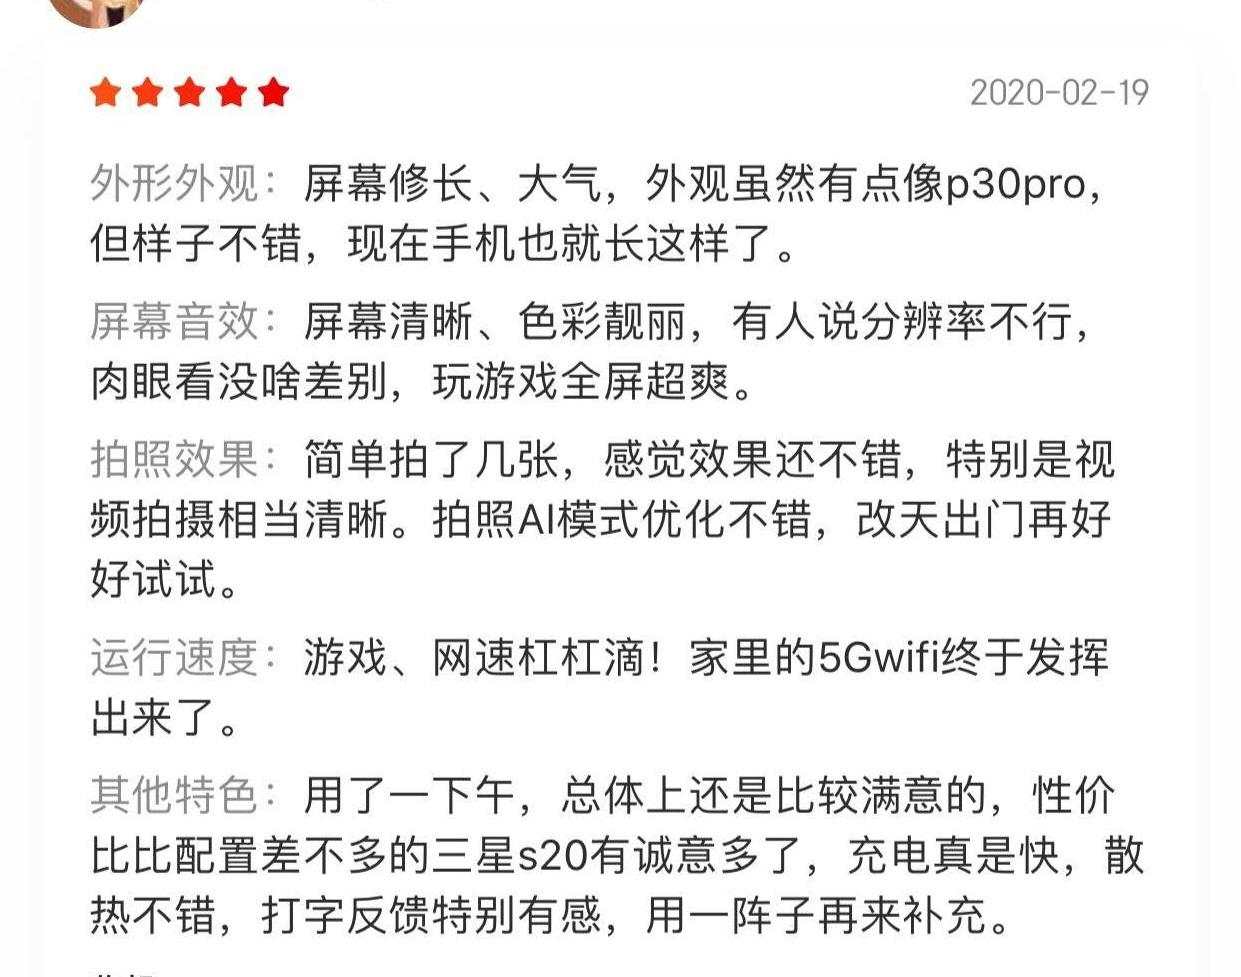 小米10 Pro首批用户评价已出炉,4999元起步值不值得买?